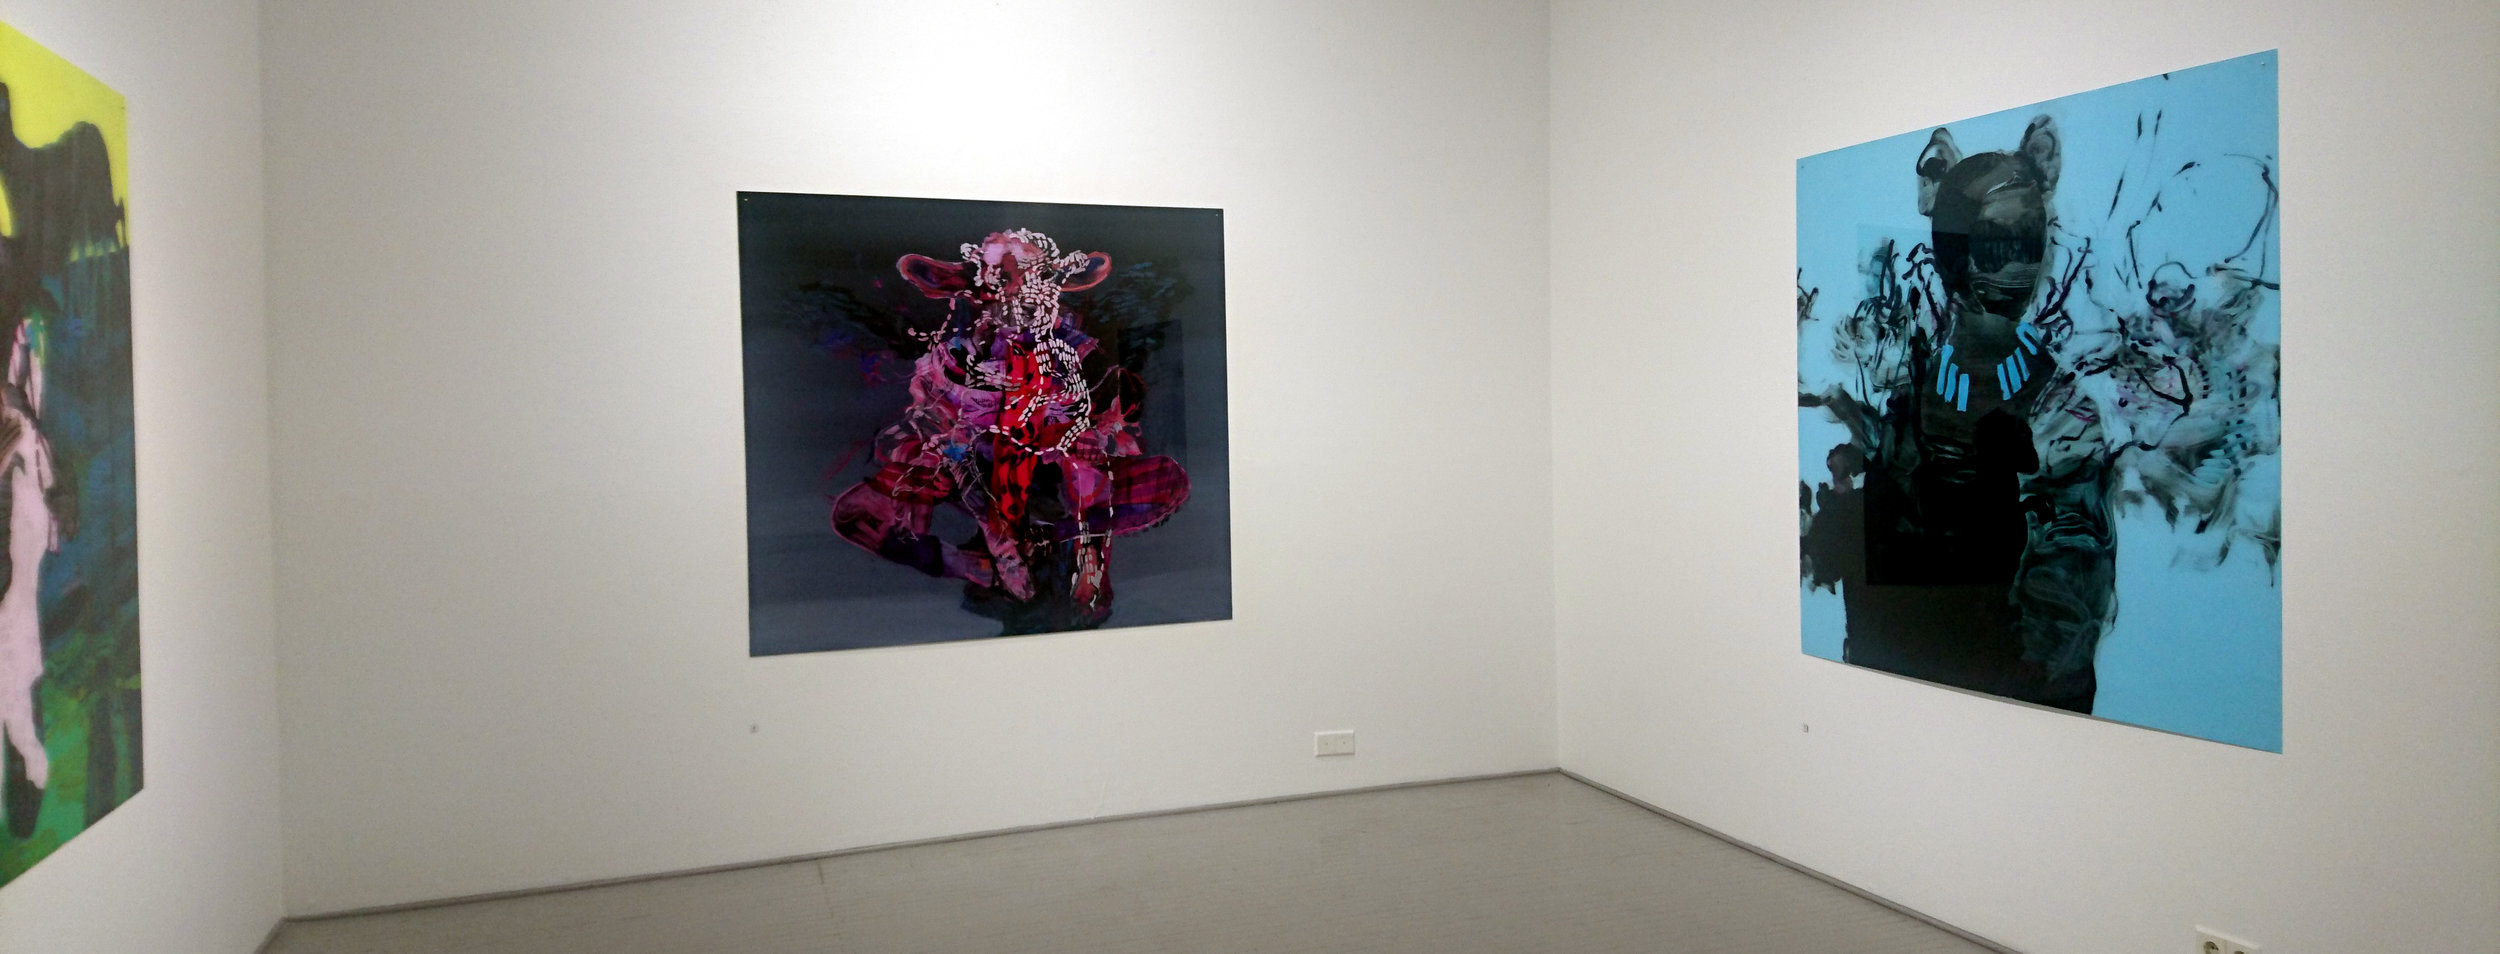 Mixed Conception ja Dama con l'ermellino (öljy akryylilevylle, 165x150 cm, 2016). Pleksi heijastaa kovasti, valokuvaus on haasteellista.